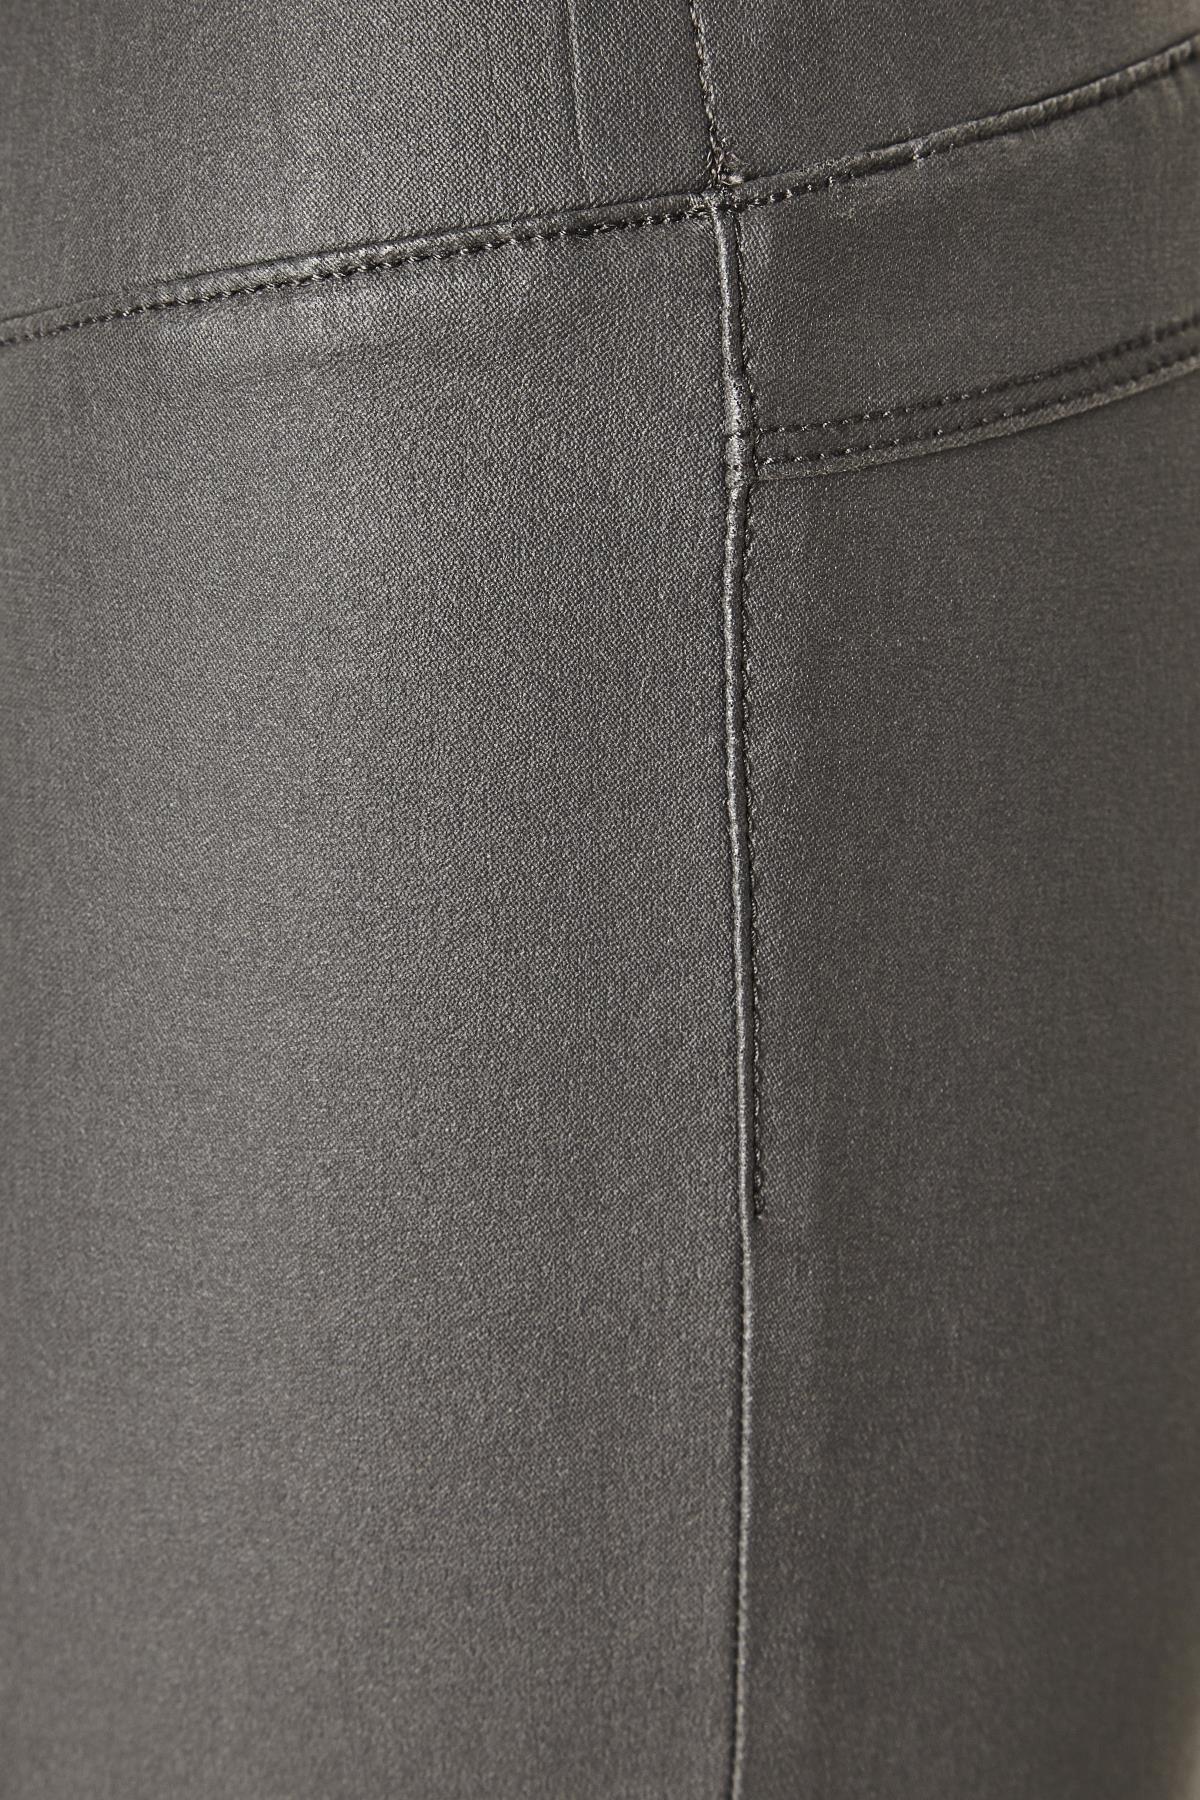 Mörkgrå Casual byxor från Kaffe – Köp Mörkgrå Casual byxor från stl. 34-46 här